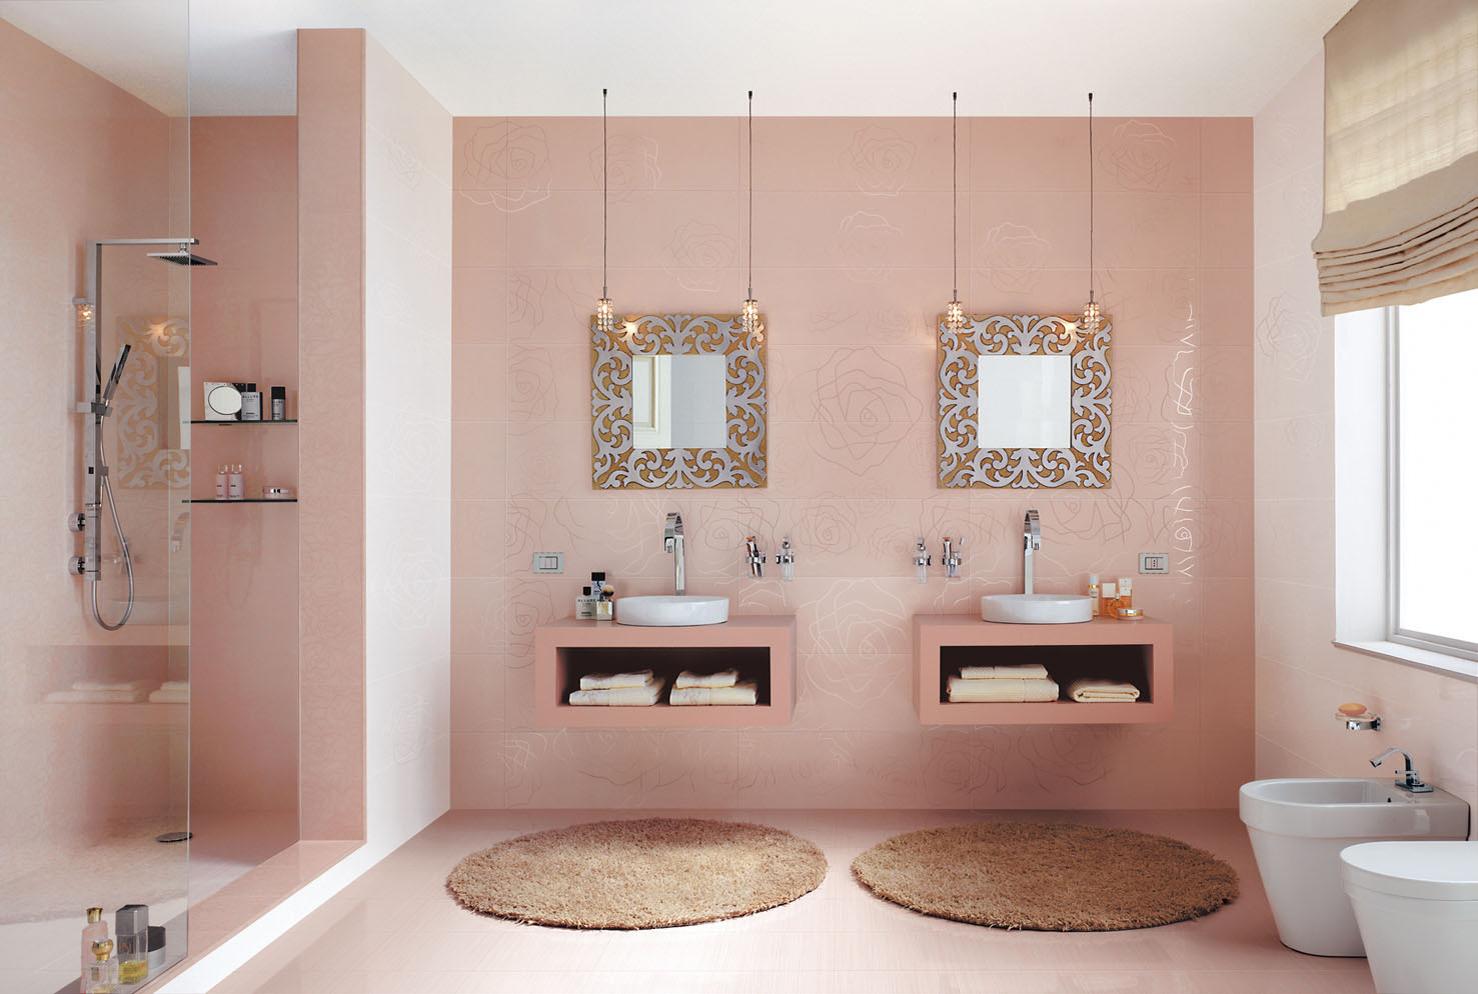 F rd szoba csempe csata 8 egy ri si olasz vattacukor for Bathroom models photos